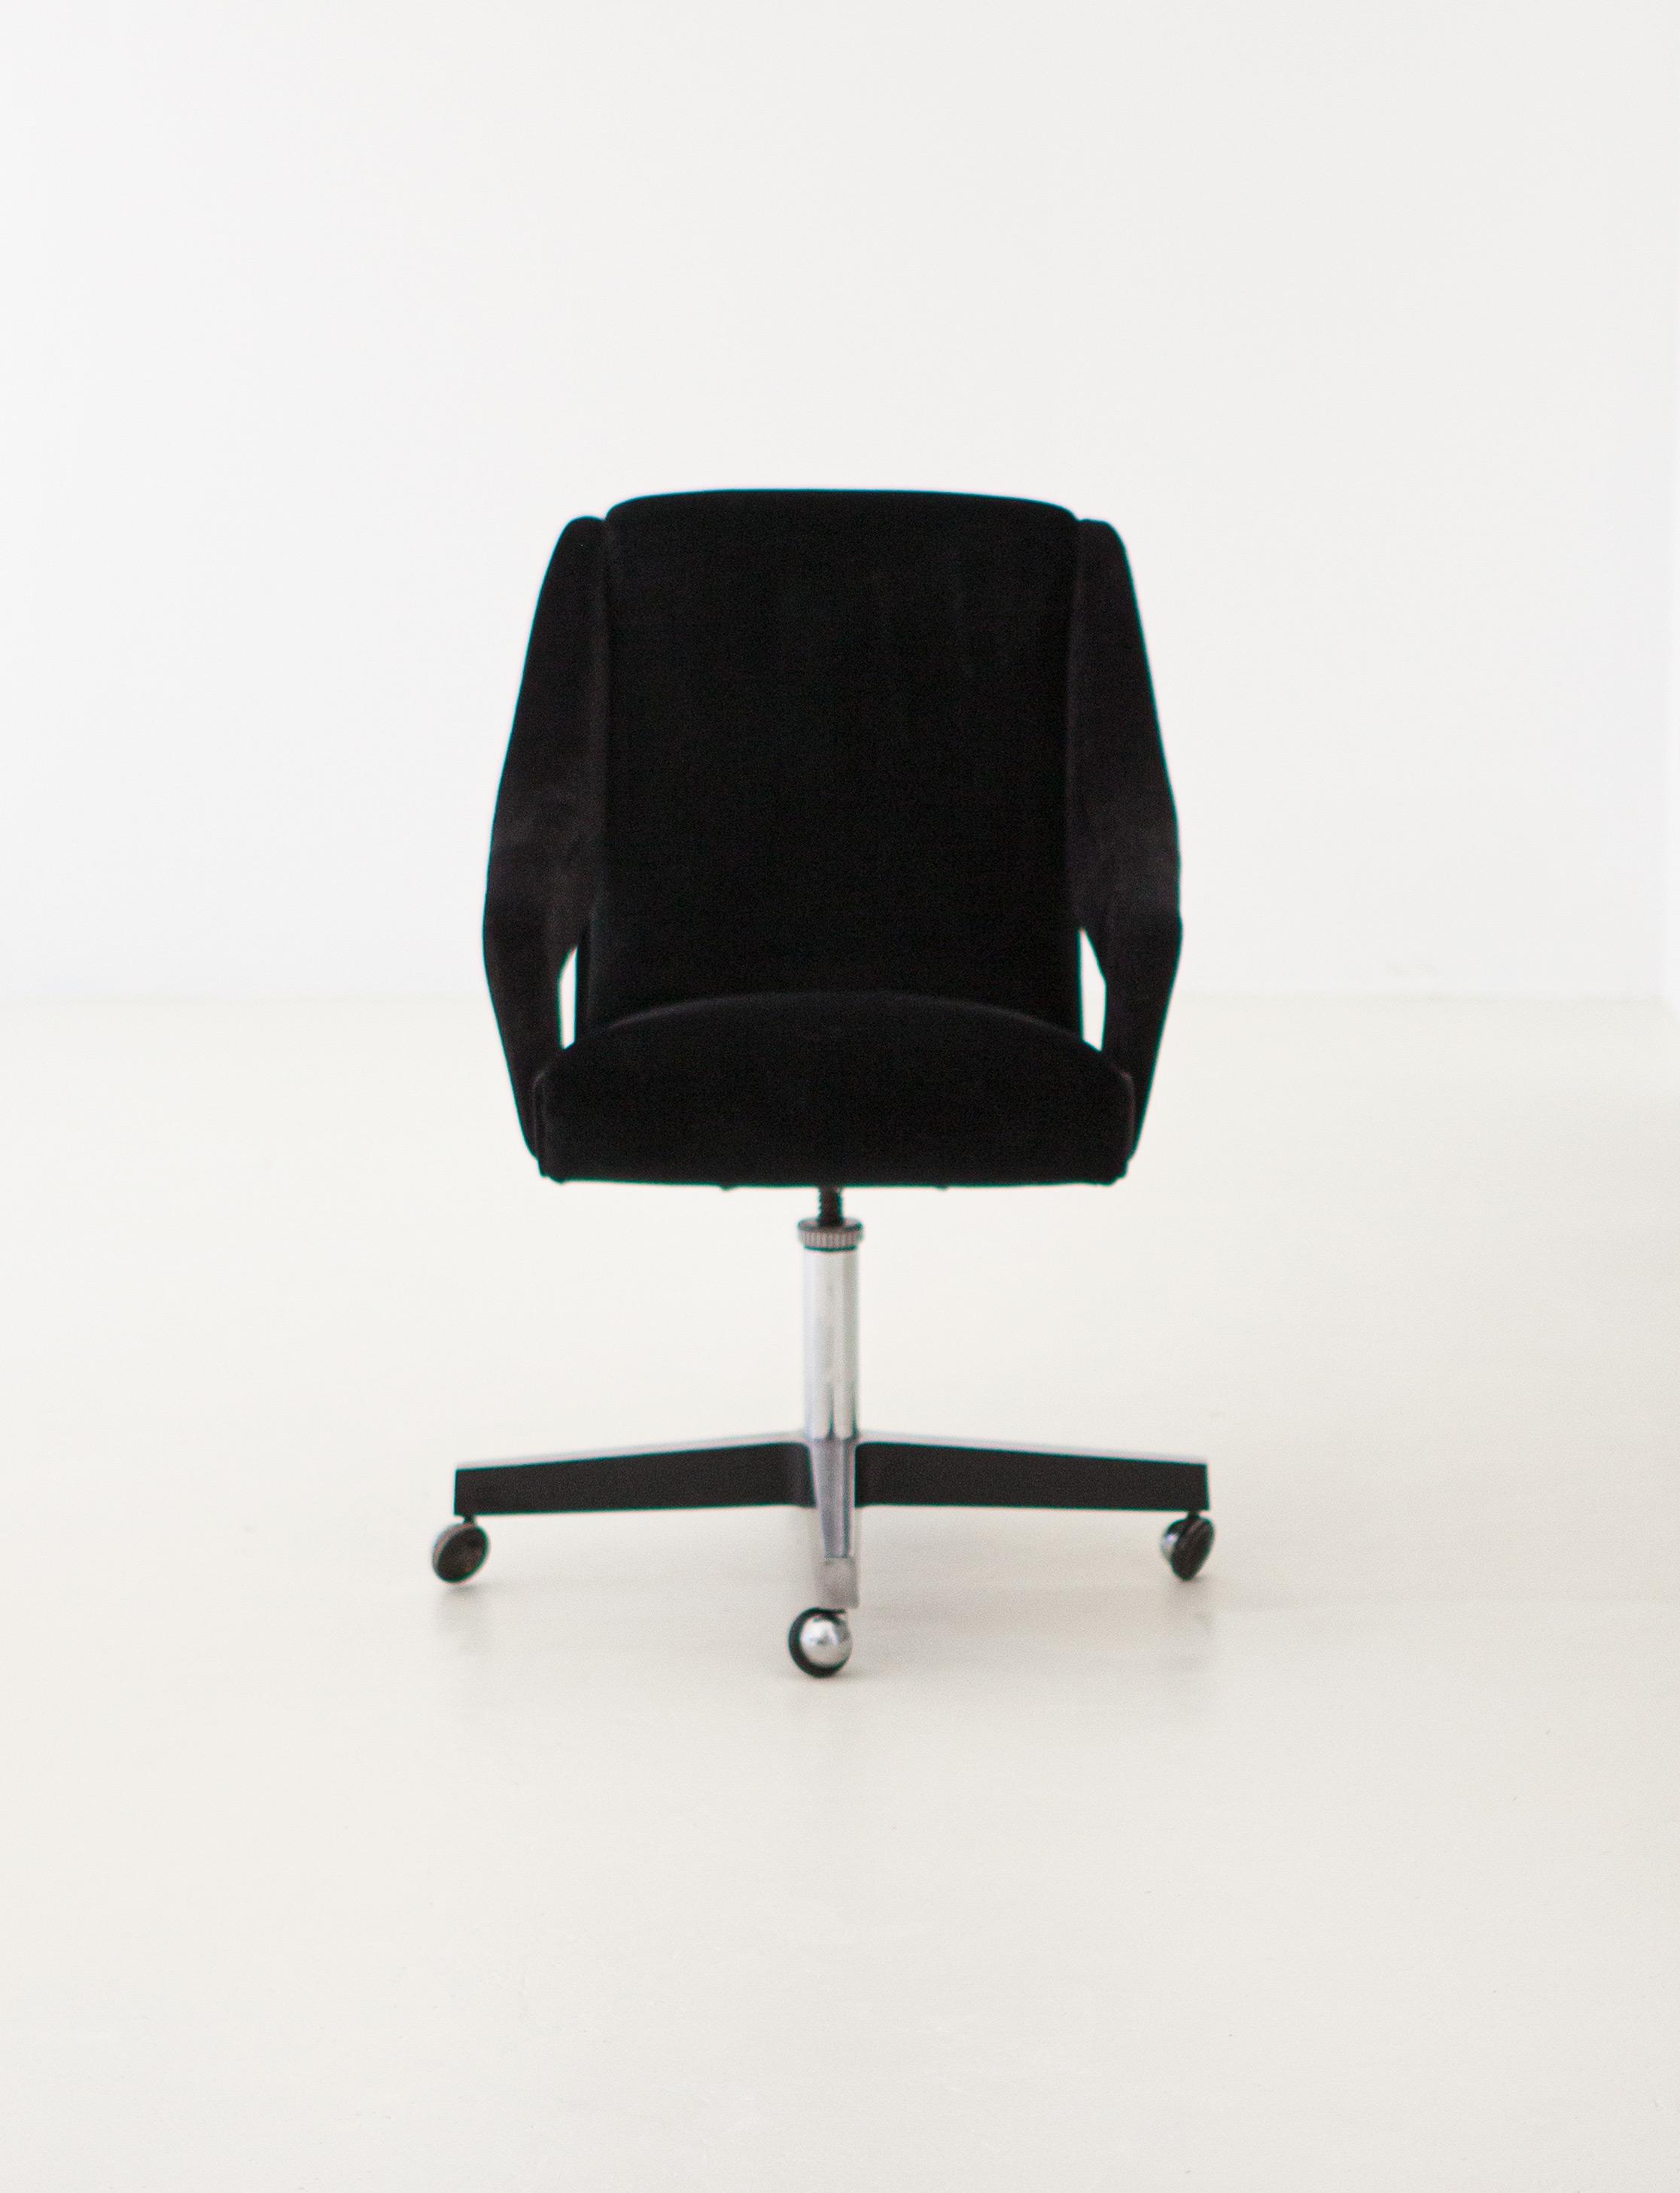 Image of: 1950s Black Velvet Swivel Desk Chair Se301 Retro4m